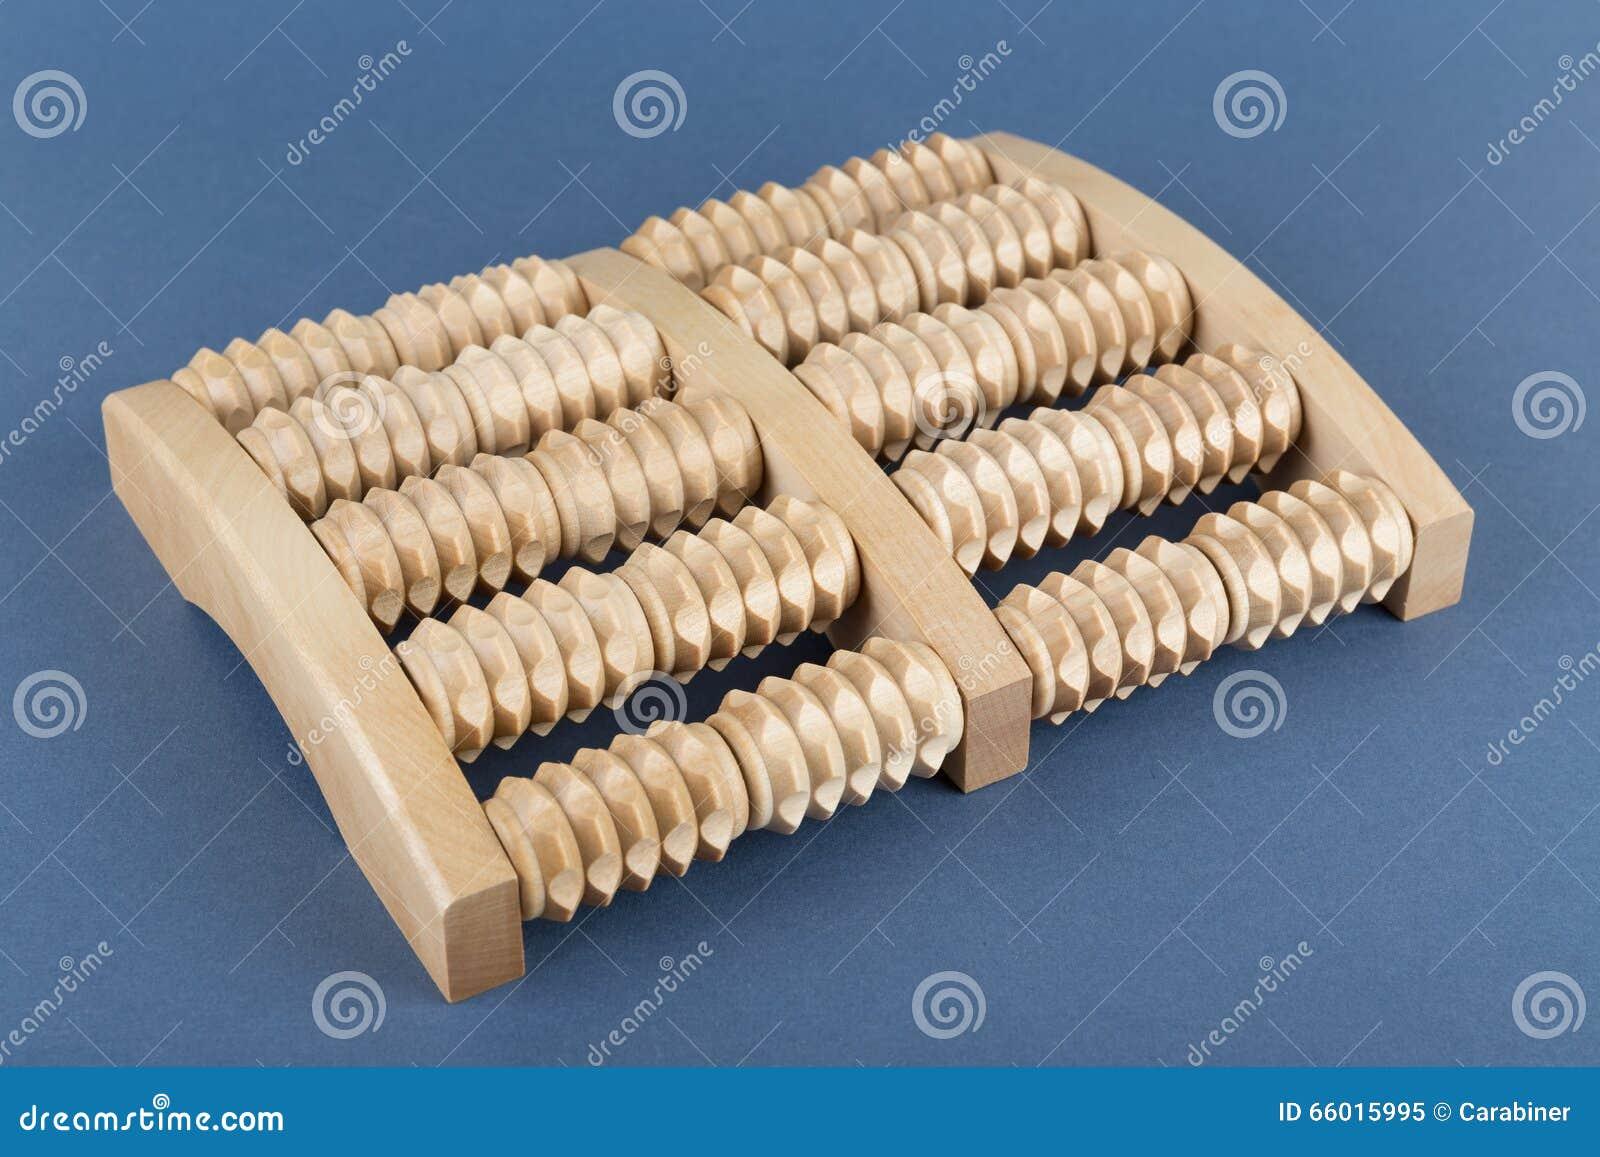 Boulier Massage Pieds Bois - Outil En Bois De Massage De Rouleau Des Pieds Image stock Image 66015995